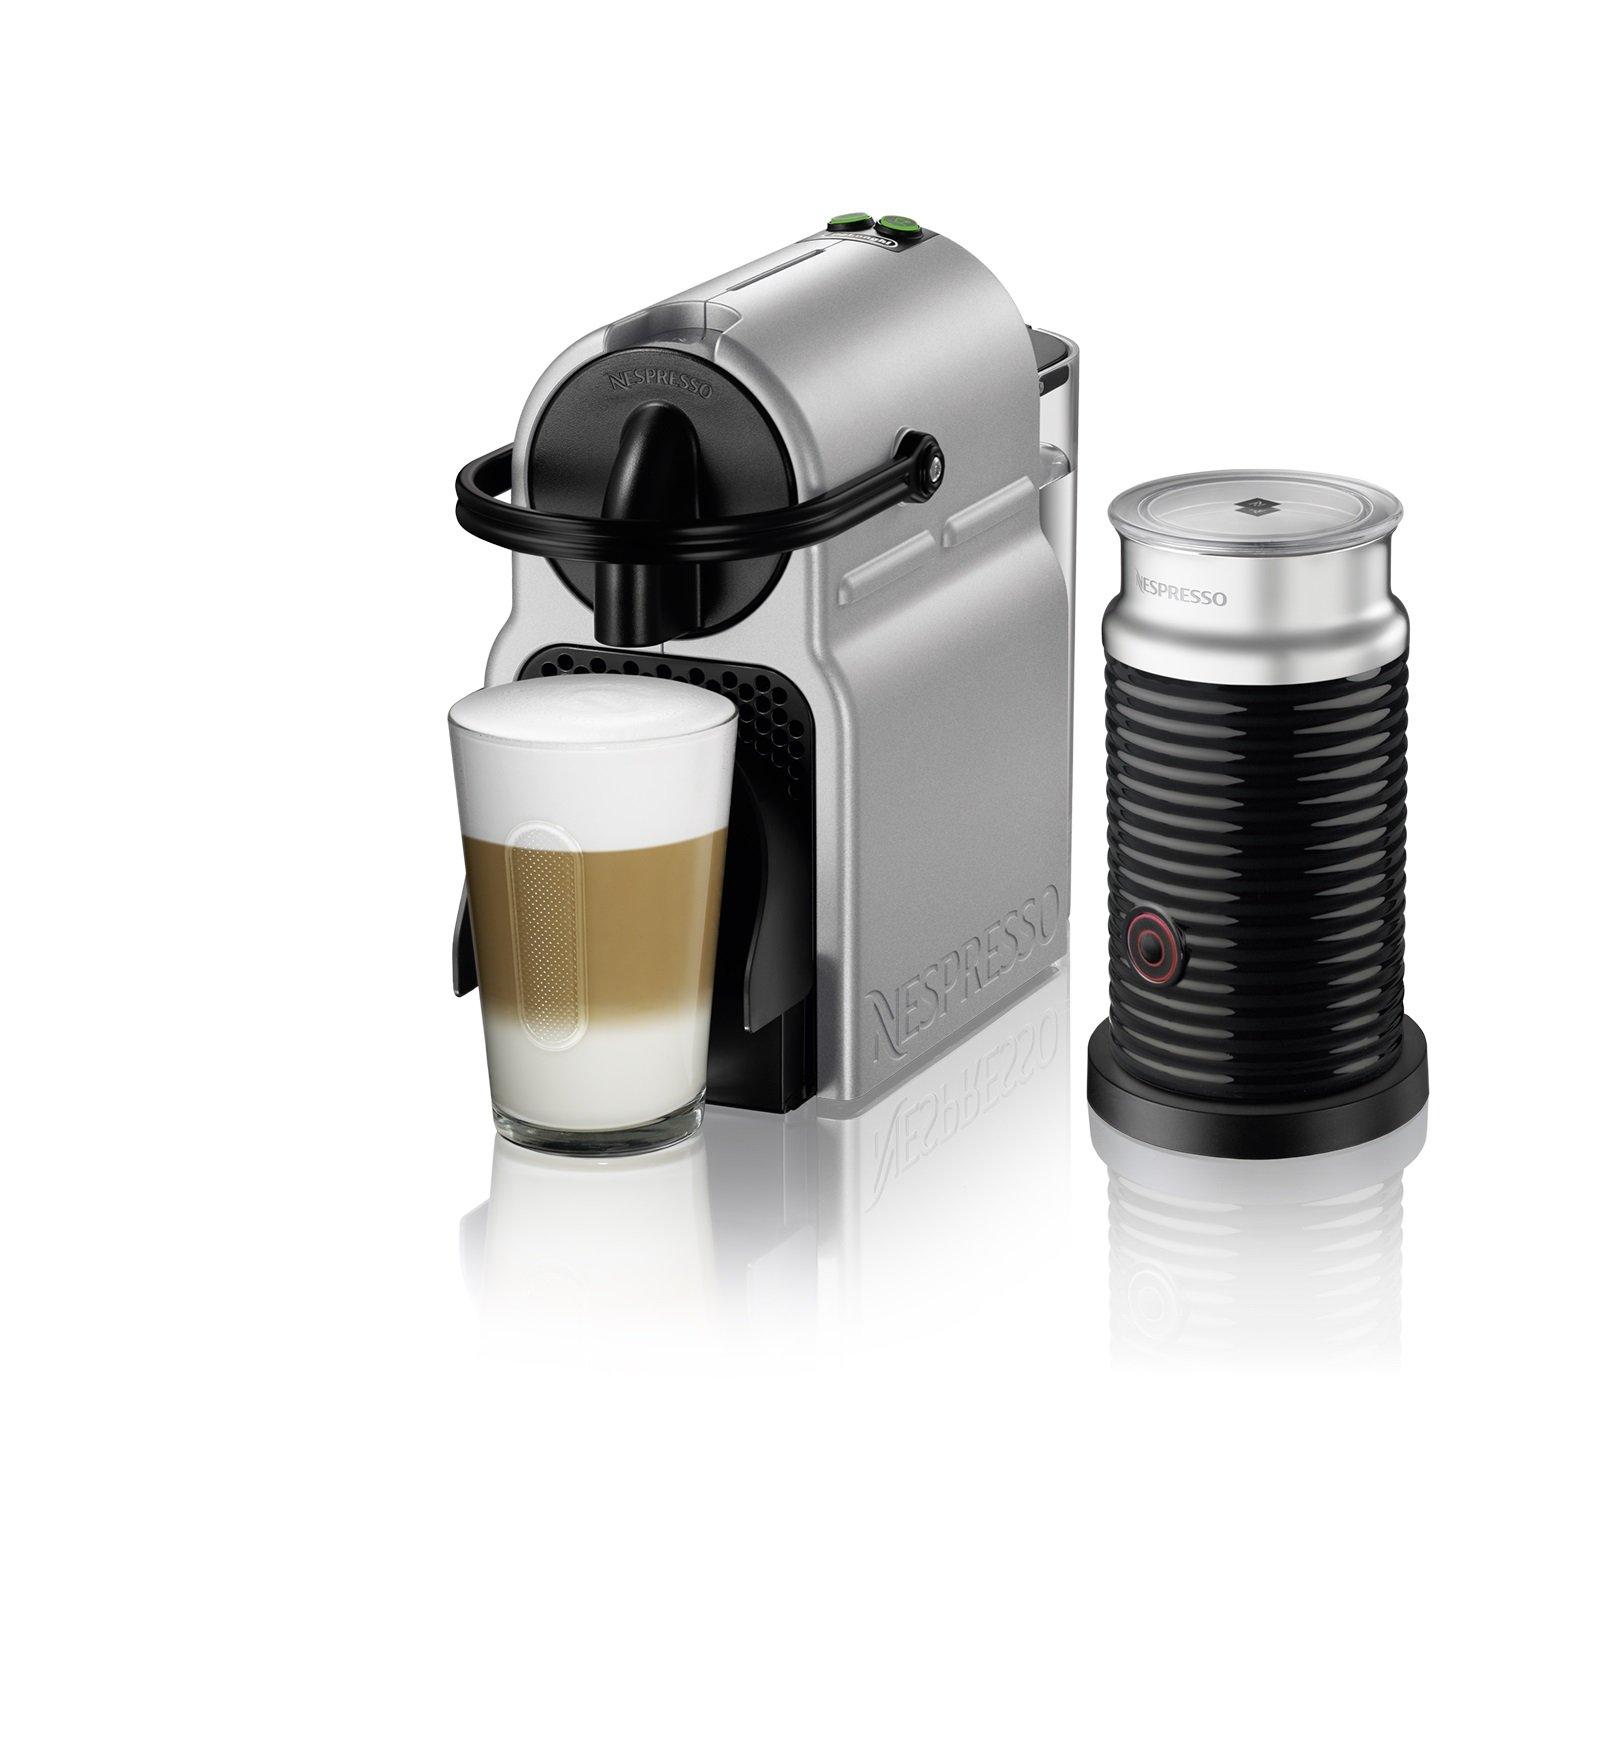 Nespresso EN80SAE  Original Espresso Machine Bundle with Aeroccino Milk Frother by De'Longhi, Medium, Silver by Nestle Nespresso